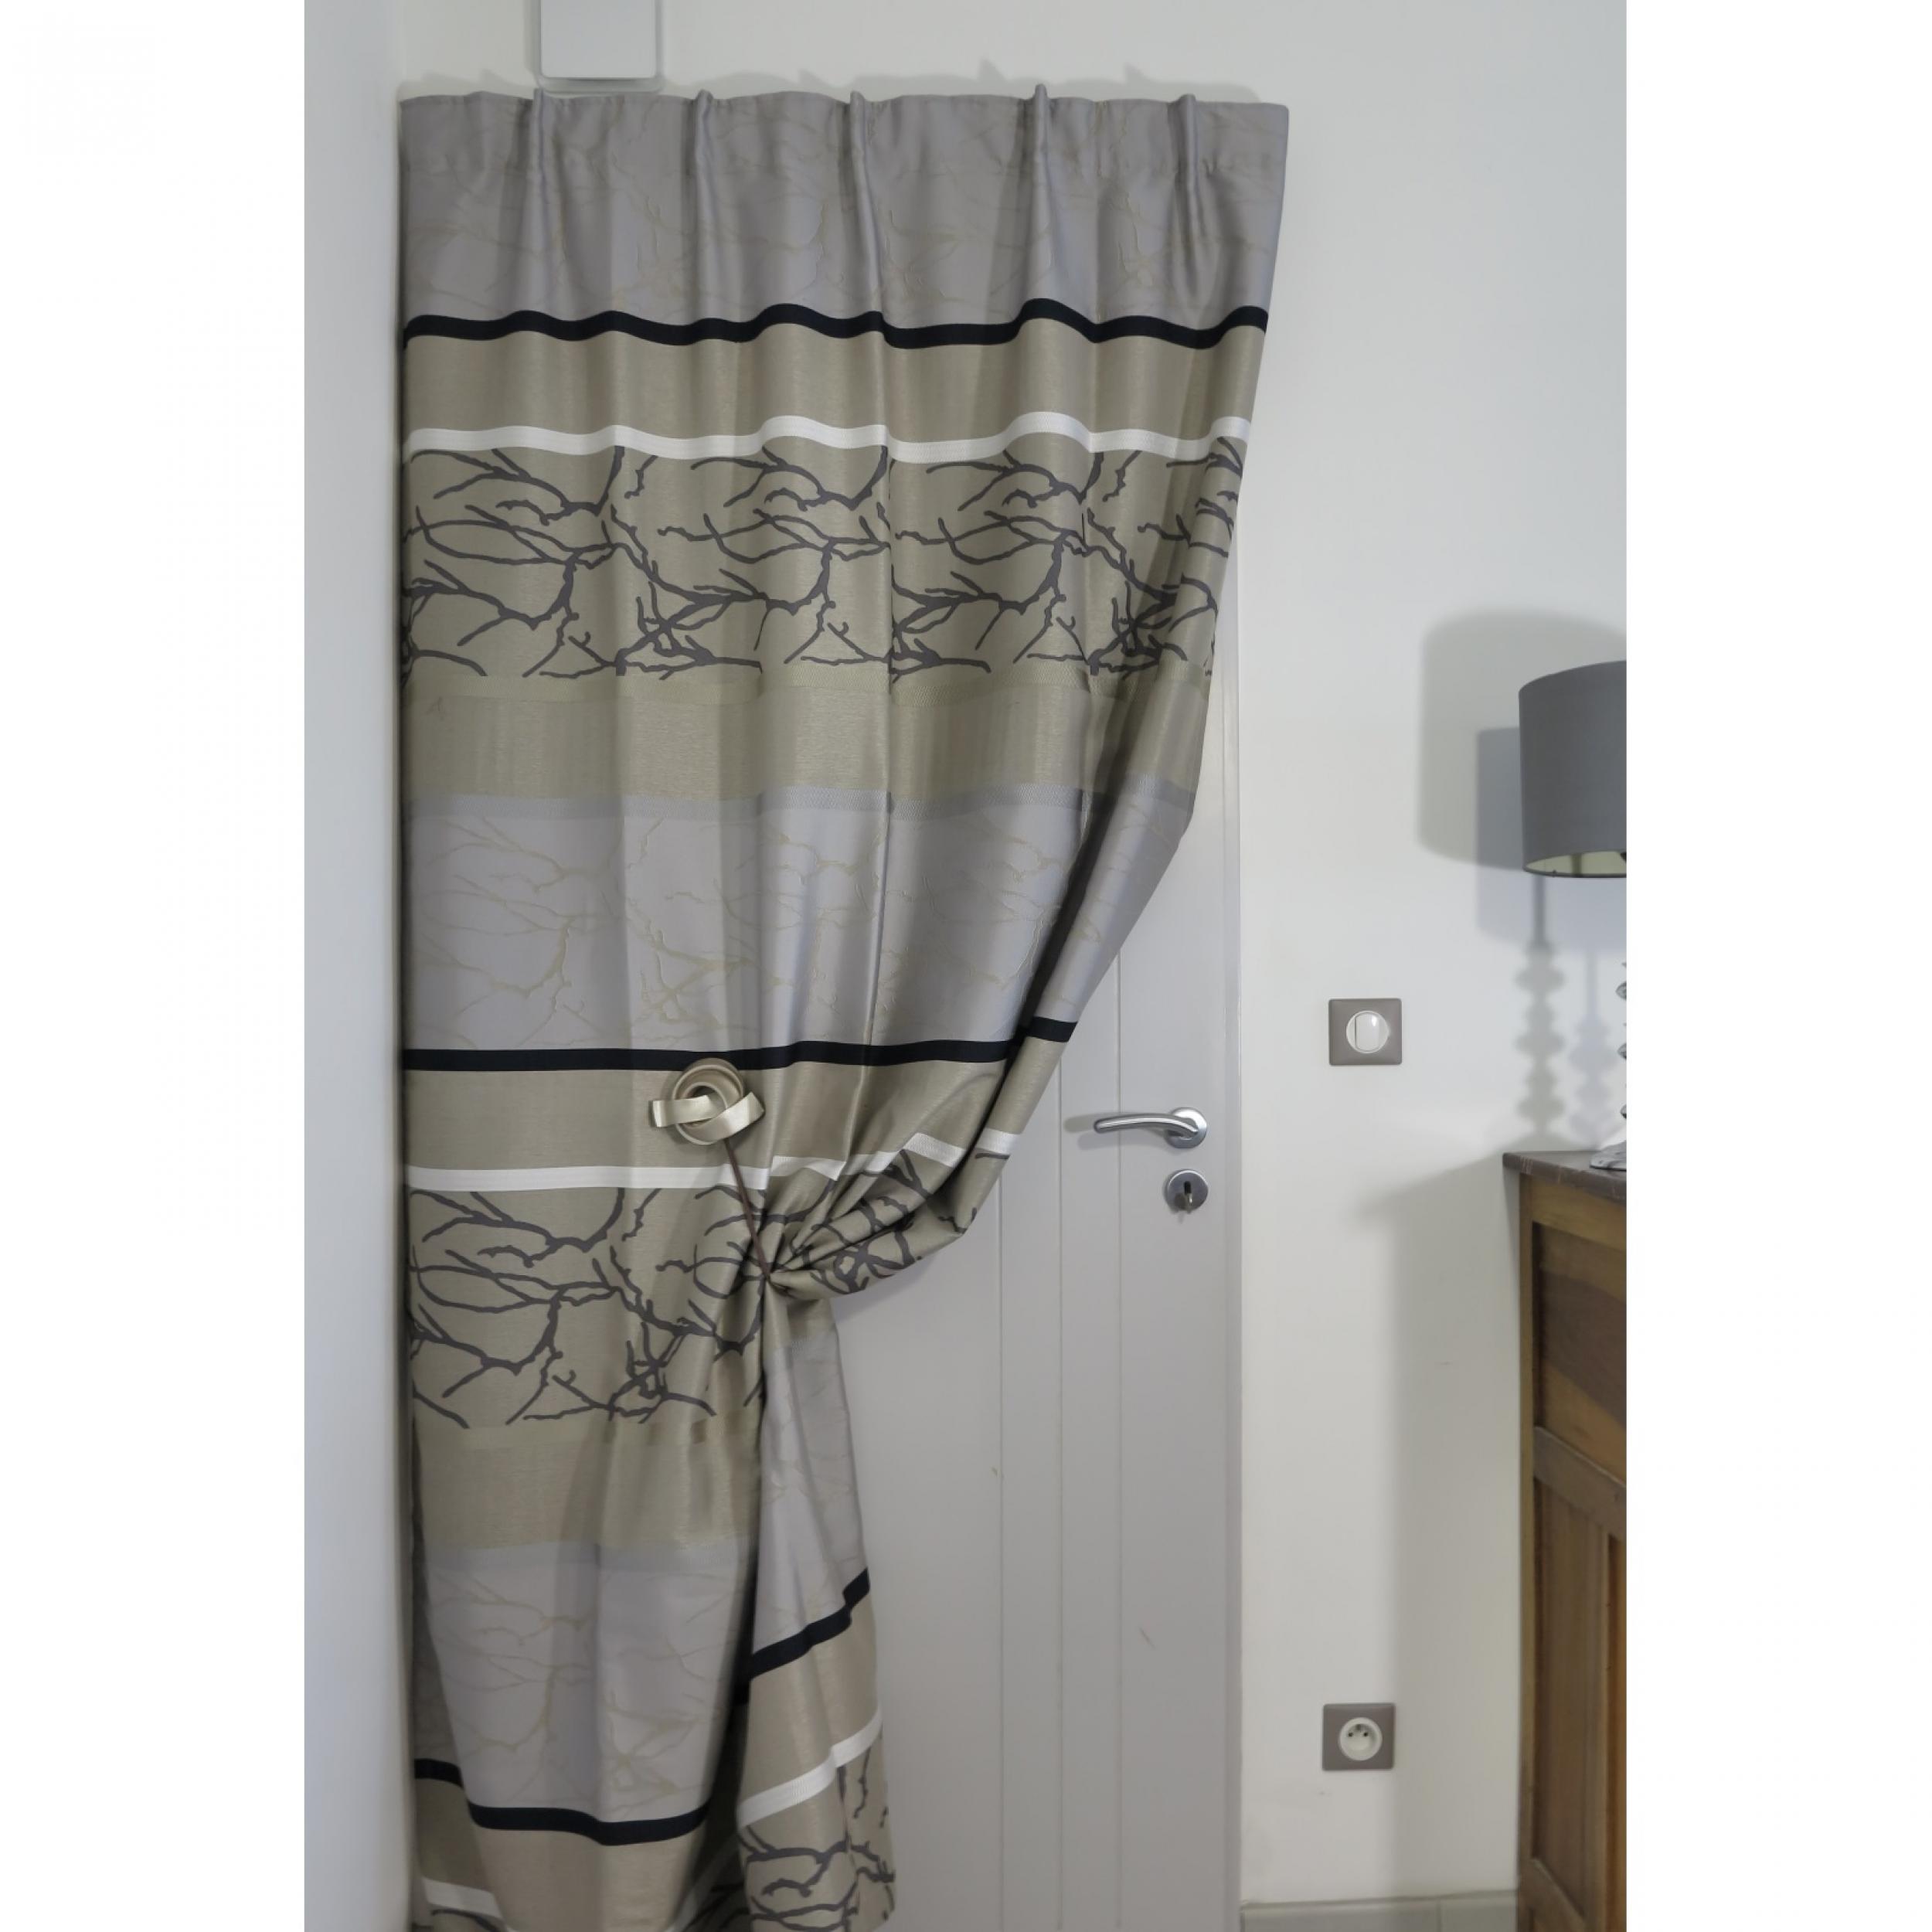 Rideaux ruflette isolant thermique megeve couleur lin pour tringle porti re 138 x 234 cm l - Ruflette vague pour rideaux ...